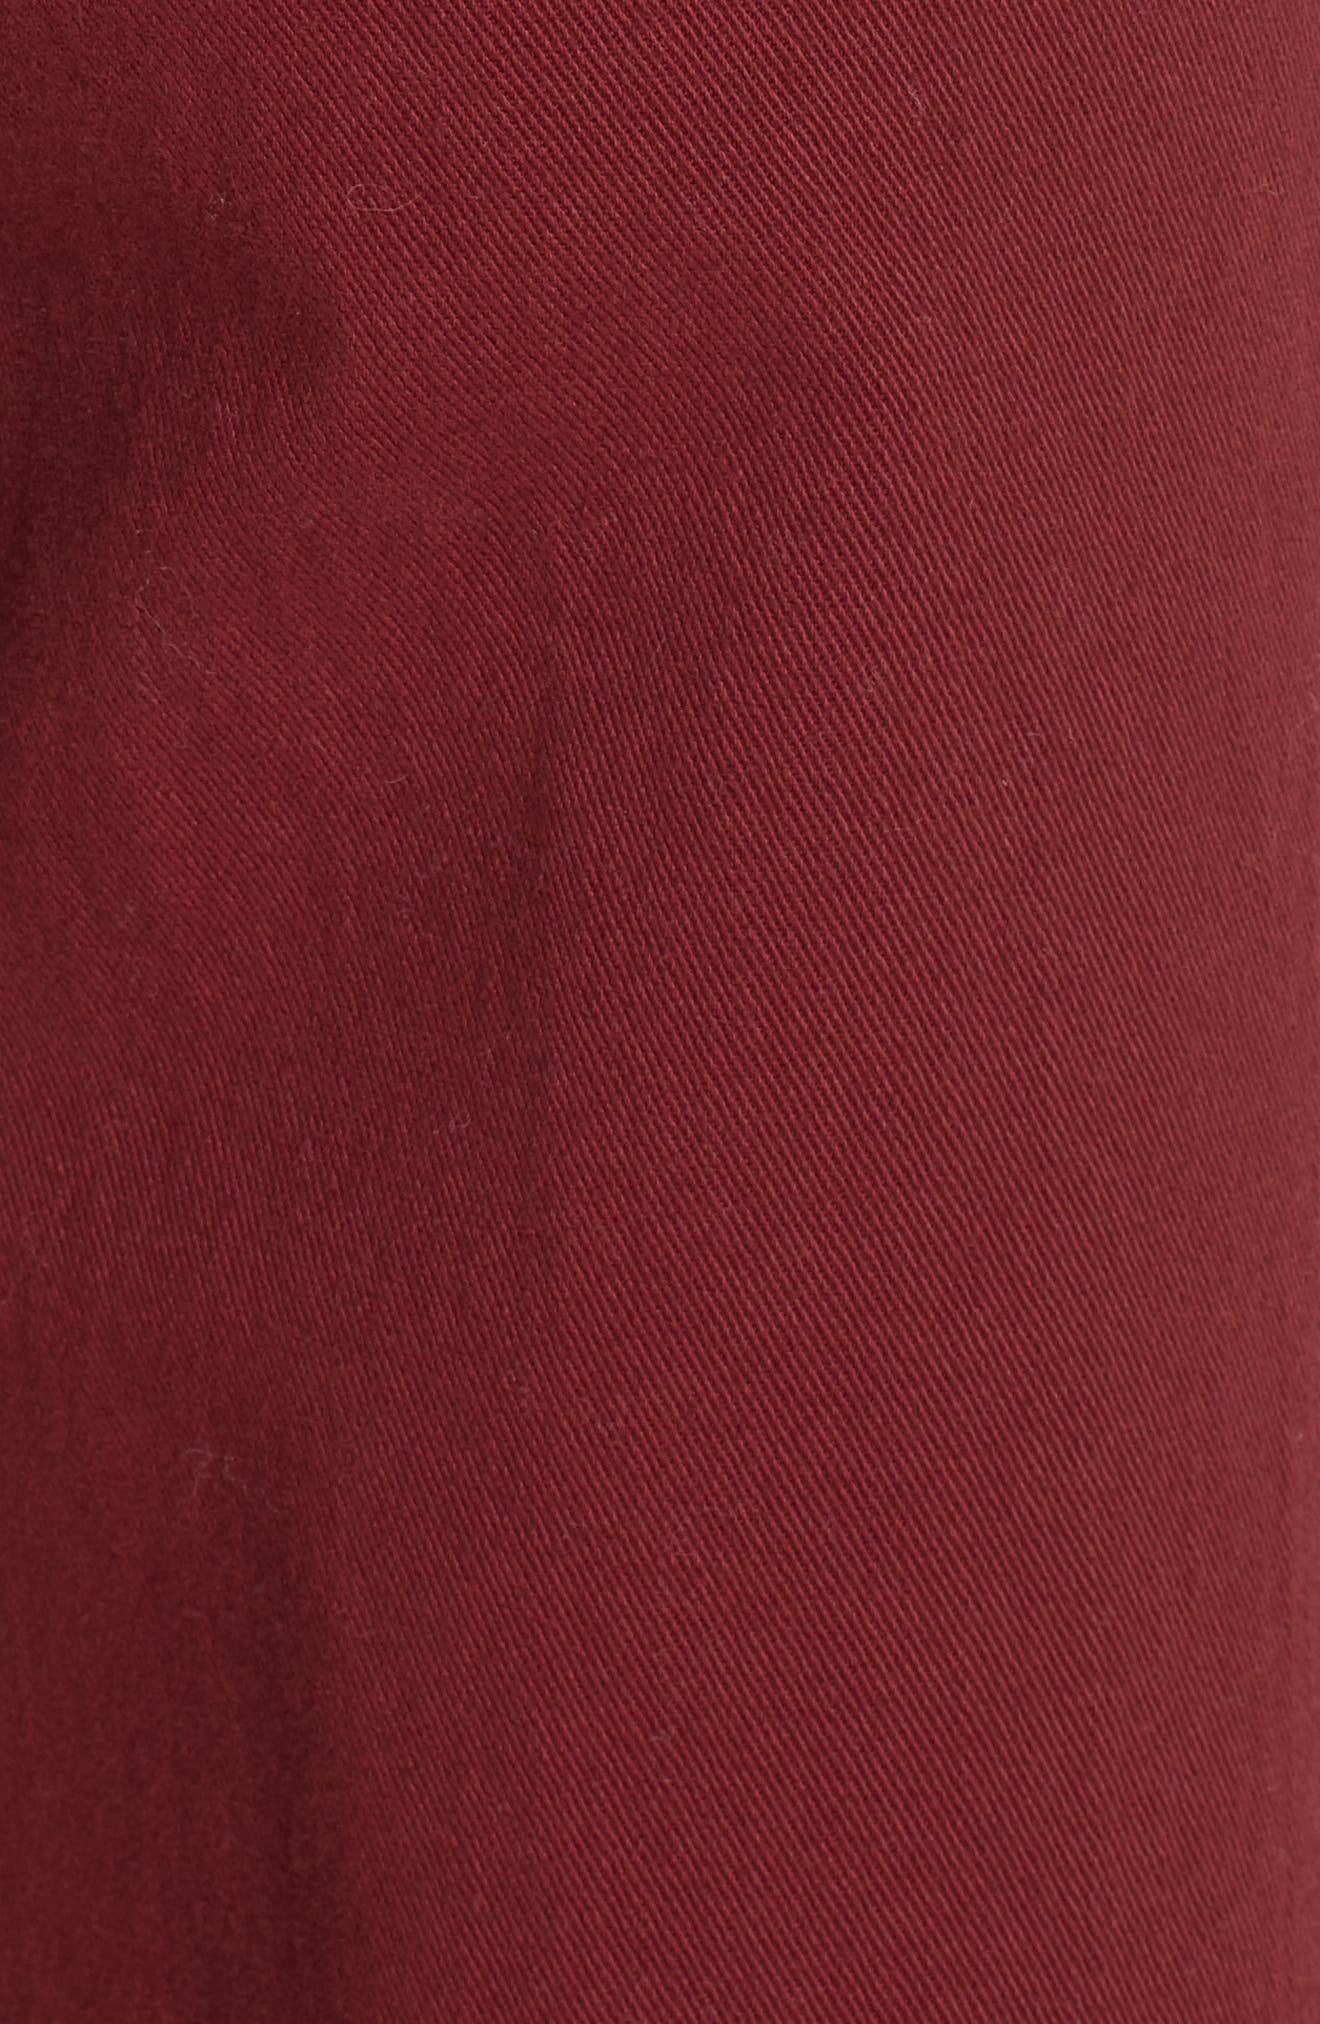 Colored Denim Crop Pants,                             Alternate thumbnail 5, color,                             631